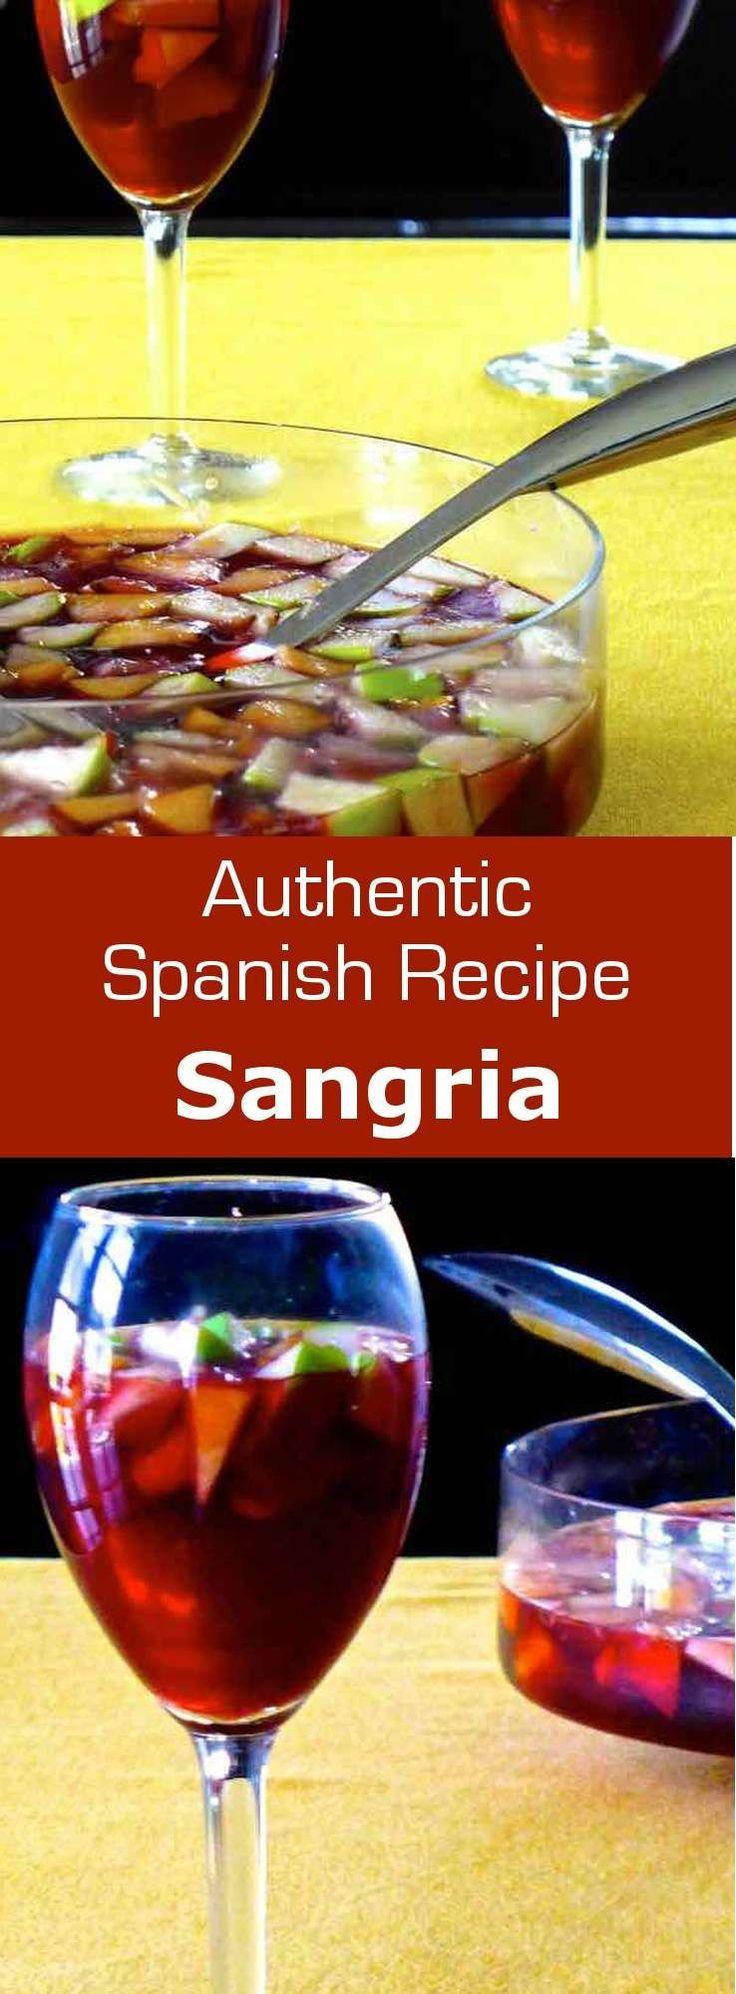 Sangria rijmt op feest.  Sterker nog, deze drank is vrij eenvoudig te bereiden in grote hoeveelheden en heeft een lager alcoholgehalte.  #Spain #drink #cocktail #beverage # 196flavors